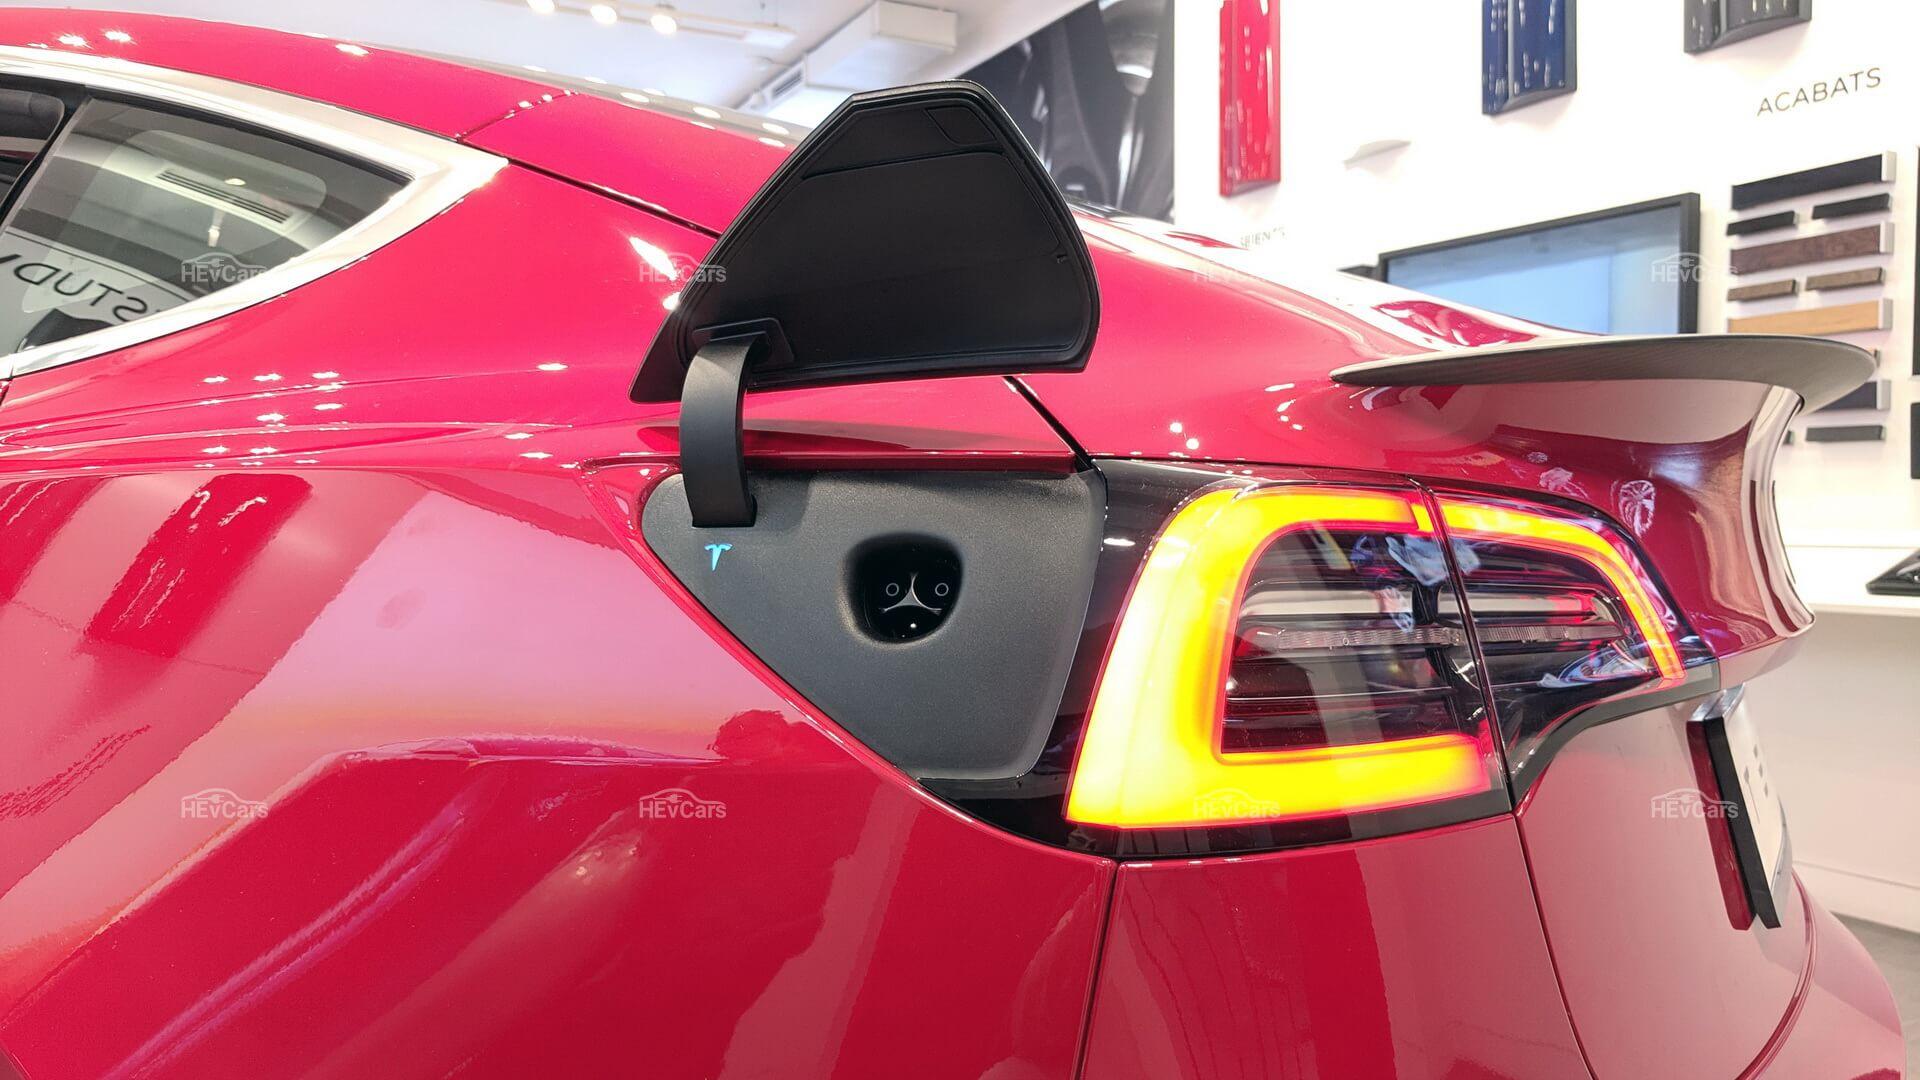 Порт зарядки электромобиля Tesla Model 3